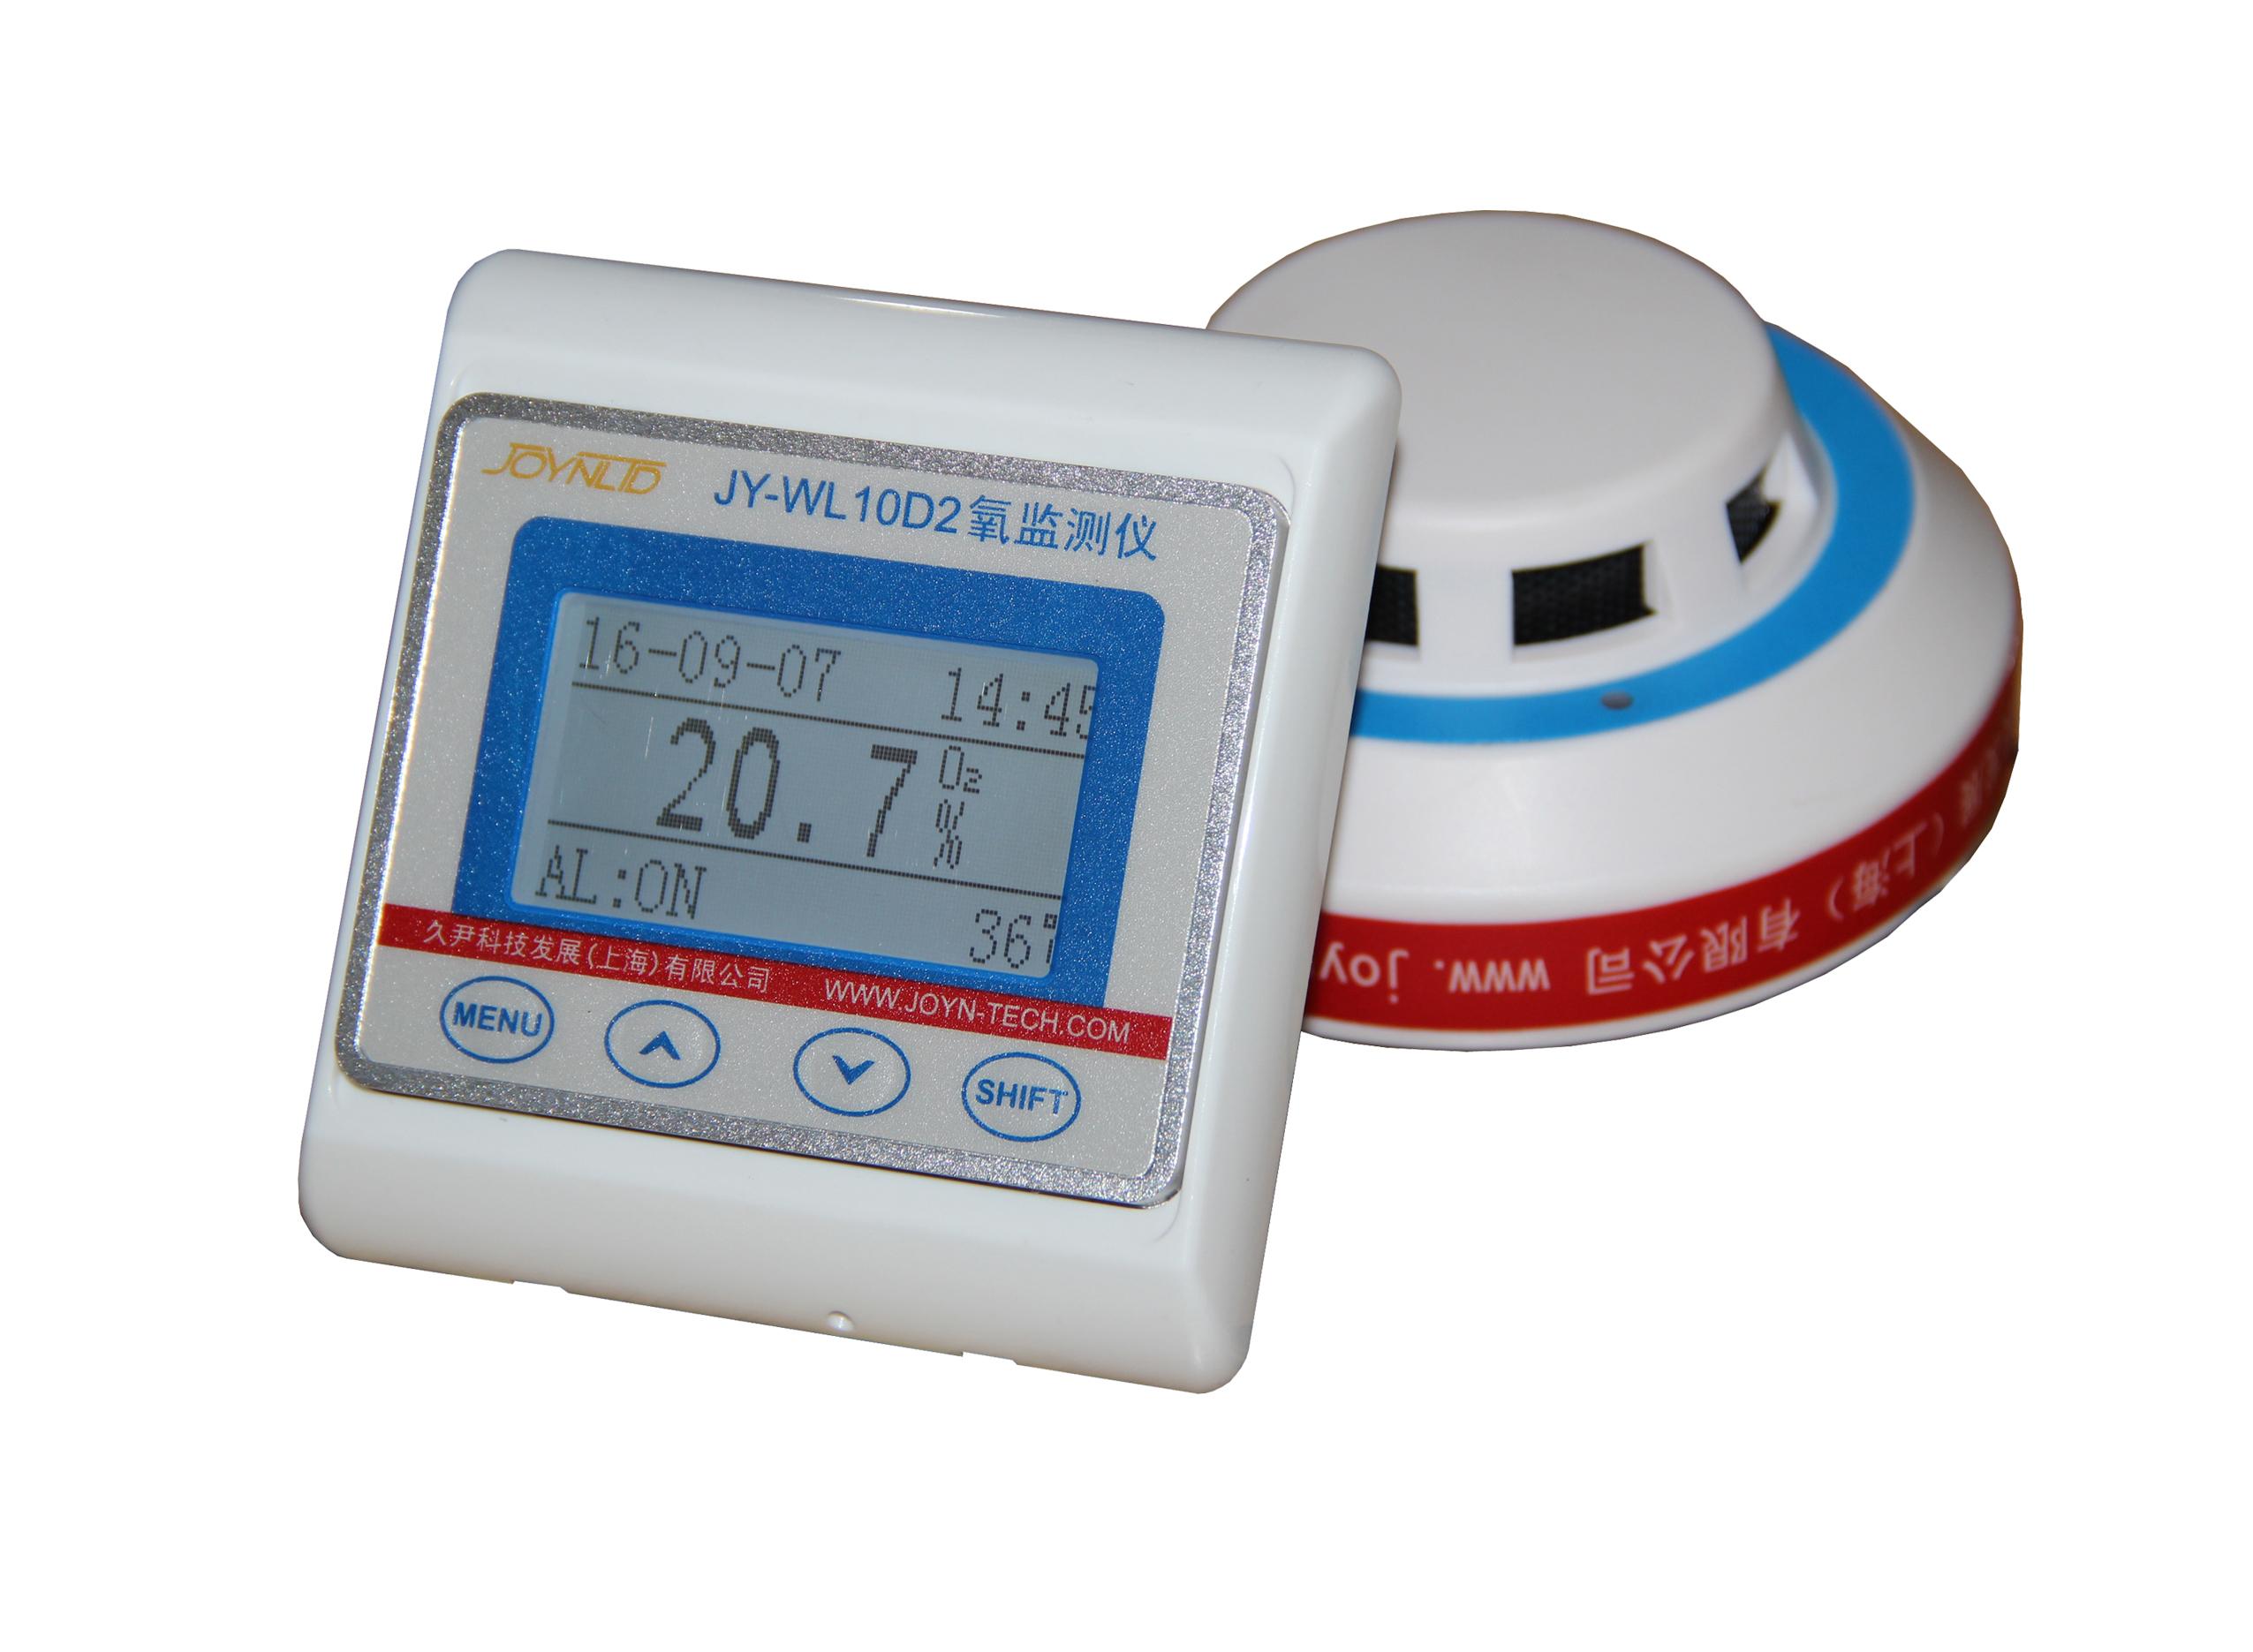 JY-WL10D2系列氧监控仪.jpg